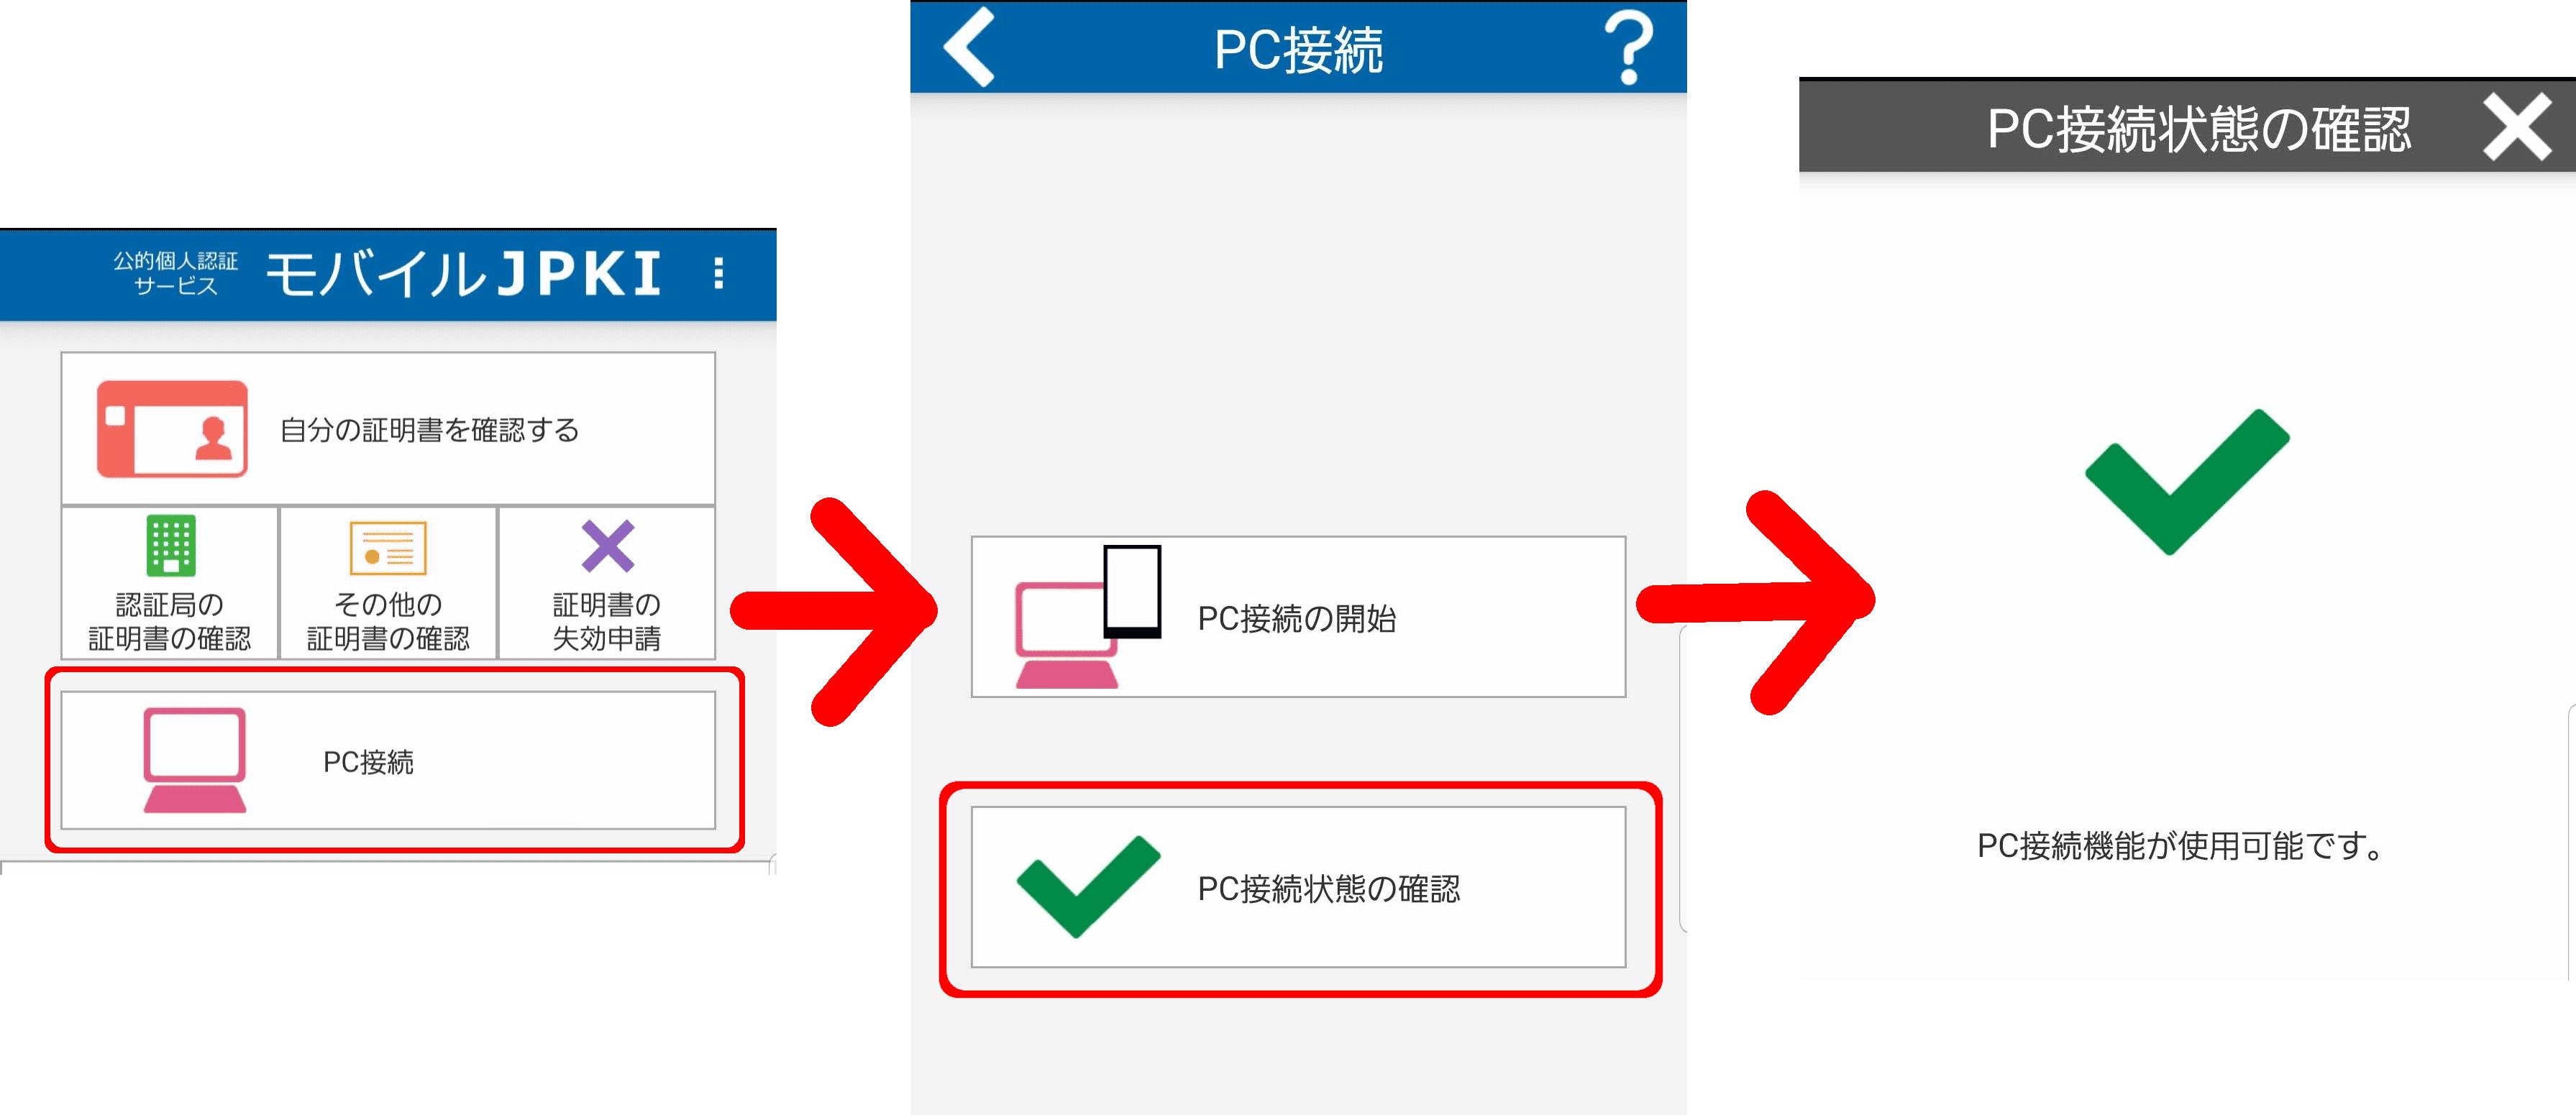 ませ ん てい され が この ナンバー に する タグ 対応 マイ アプリ インストール